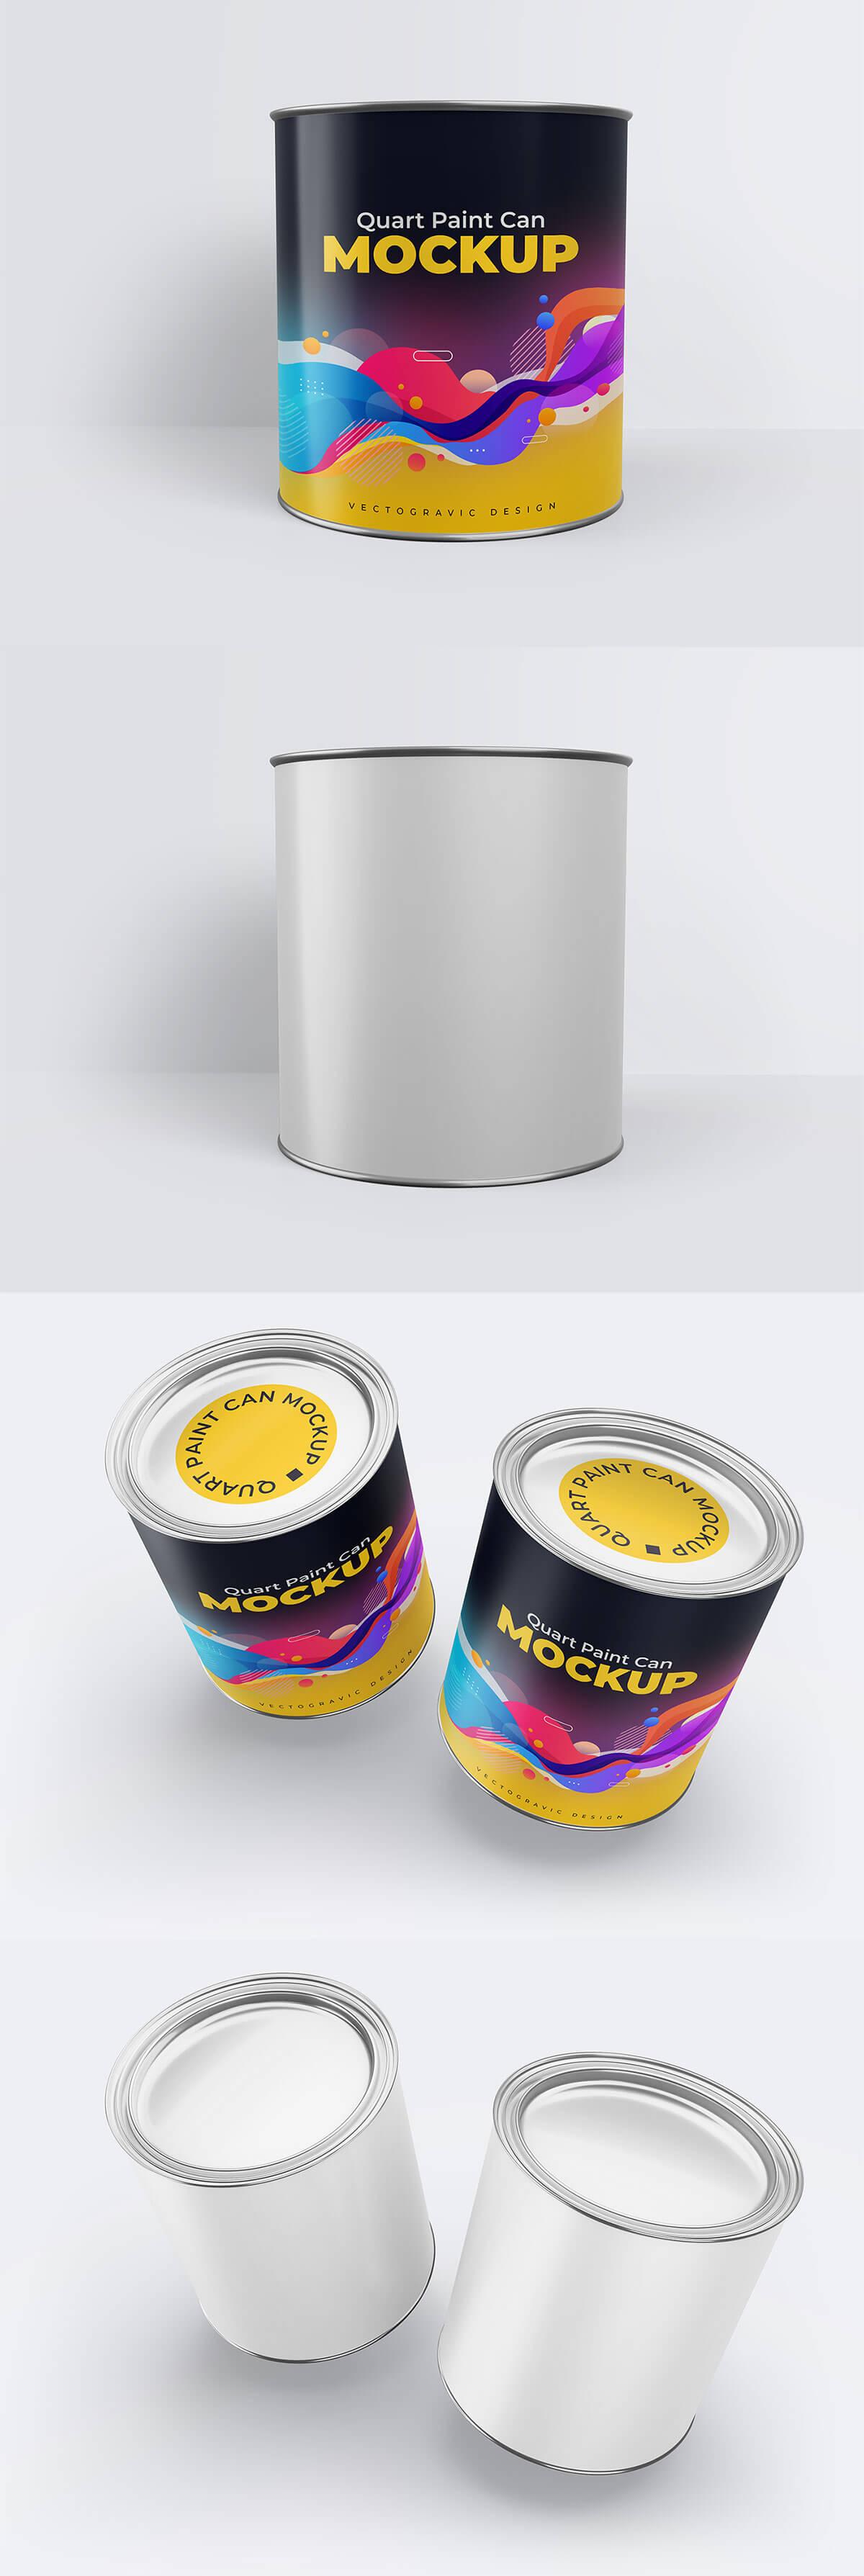 Quart Paint Can Mockup